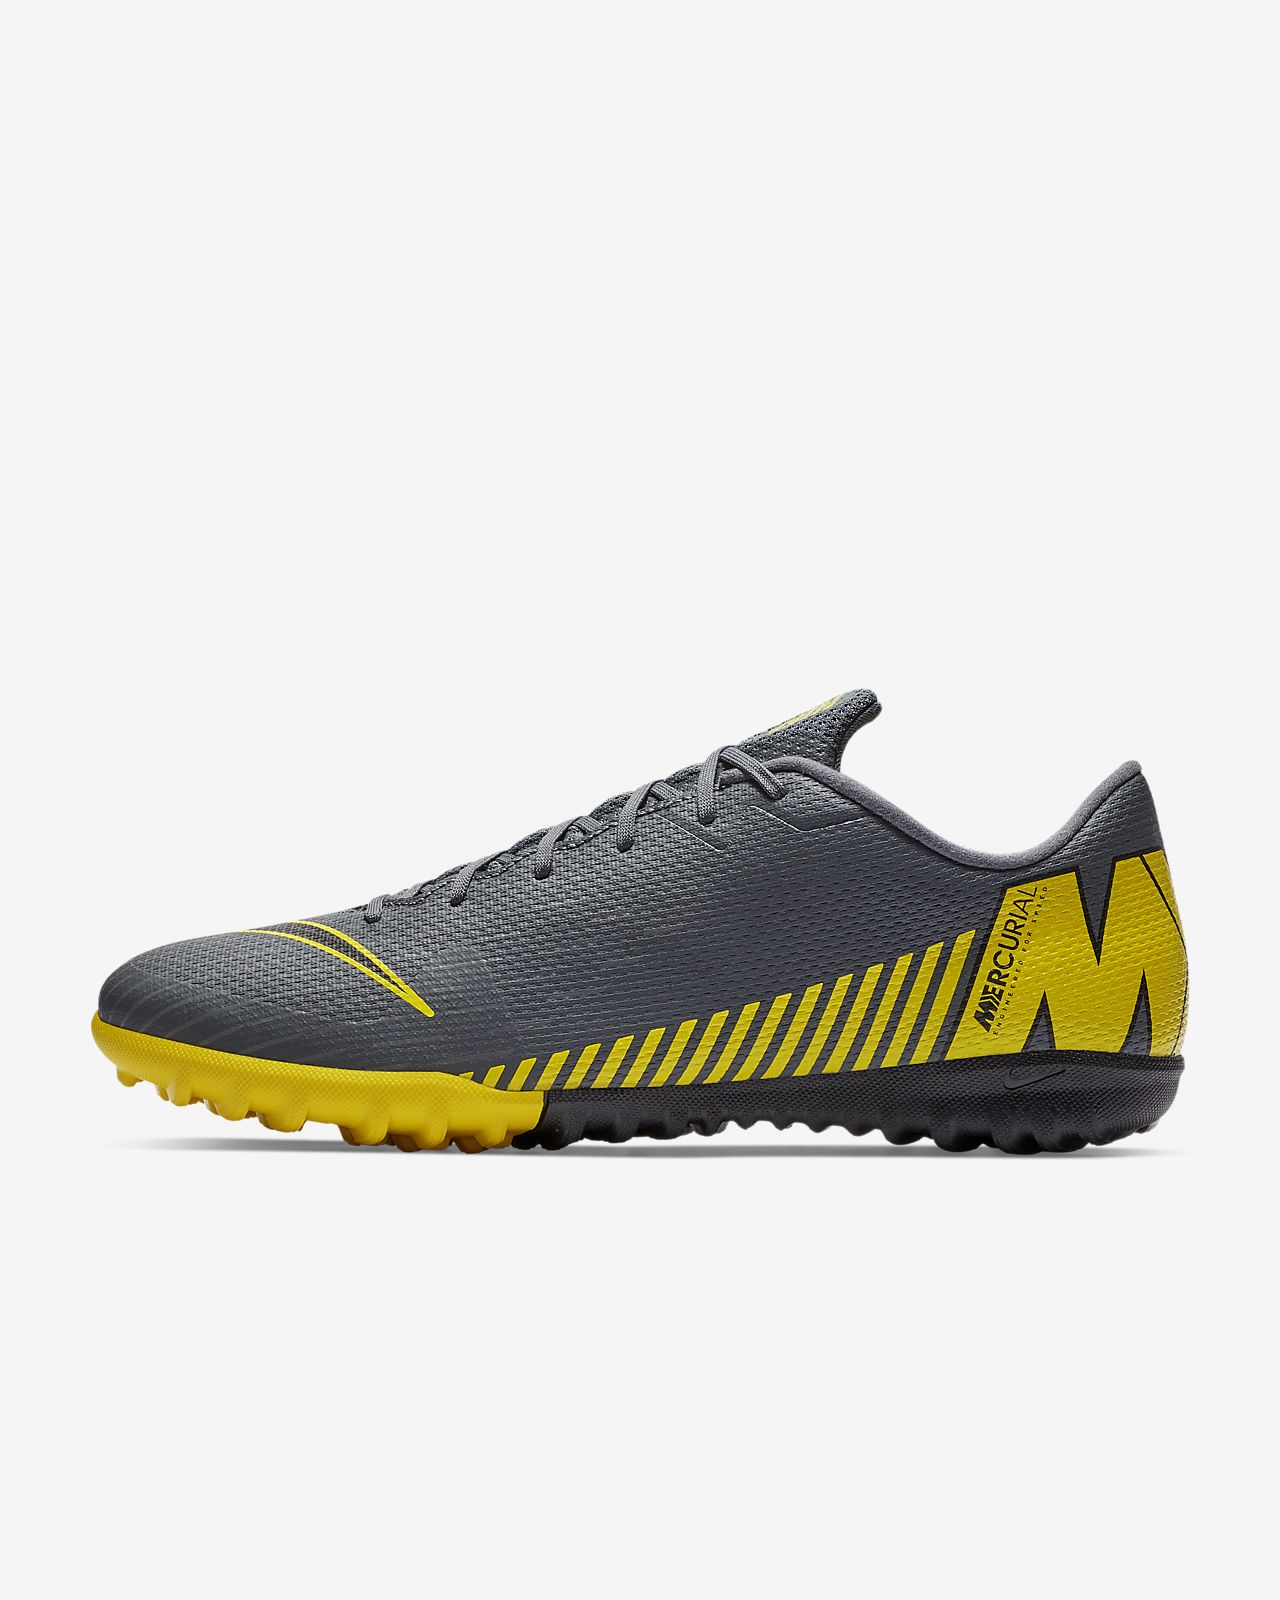 online store fa55e c1c82 ... Chaussure de football à crampons pour surface synthétique Nike VaporX  12 Academy TF